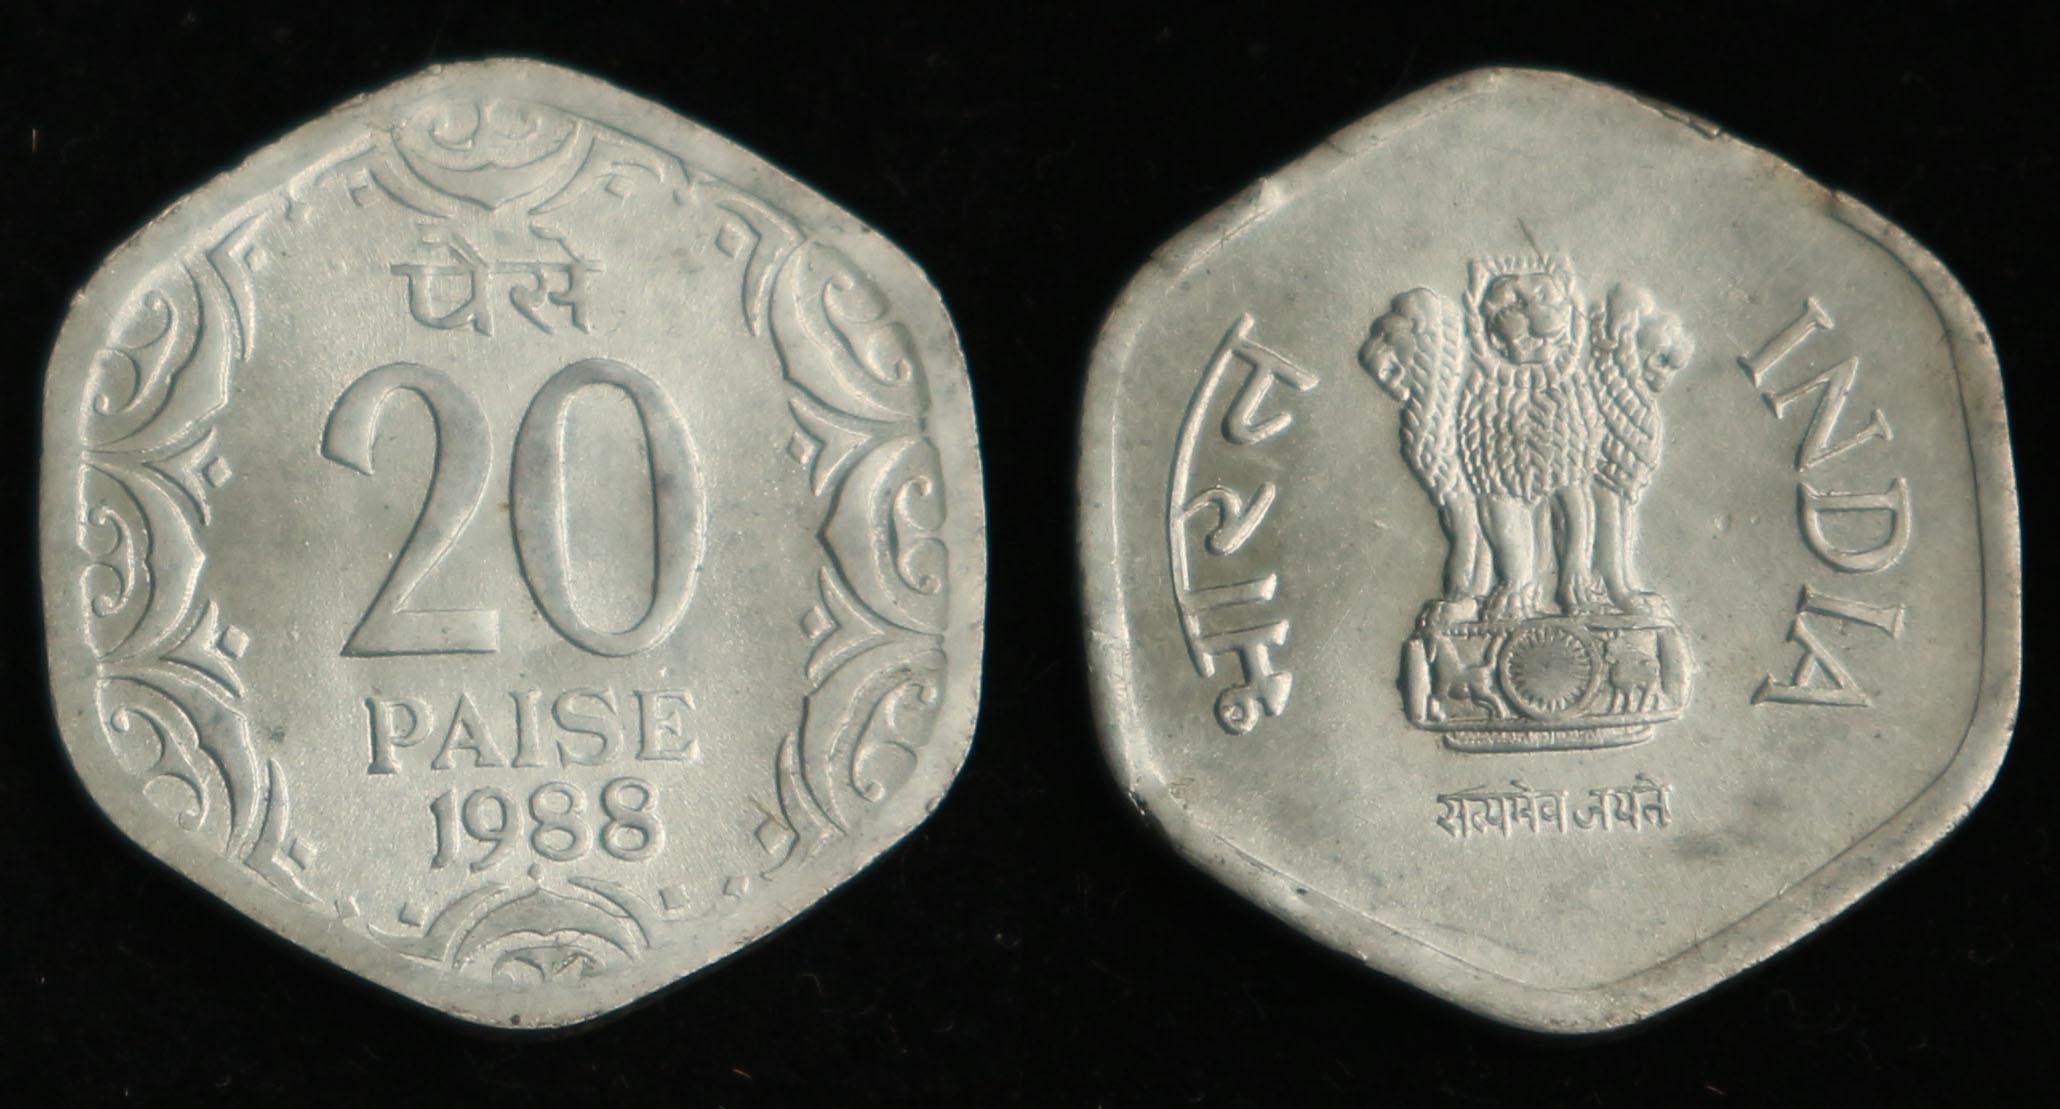 26 mét đồng xu cũ ấn độ 20 bánh cát đồng xu kỷ niệm coin ngoại tệ ngoại tệ đồng xu Châu Á New Delhi